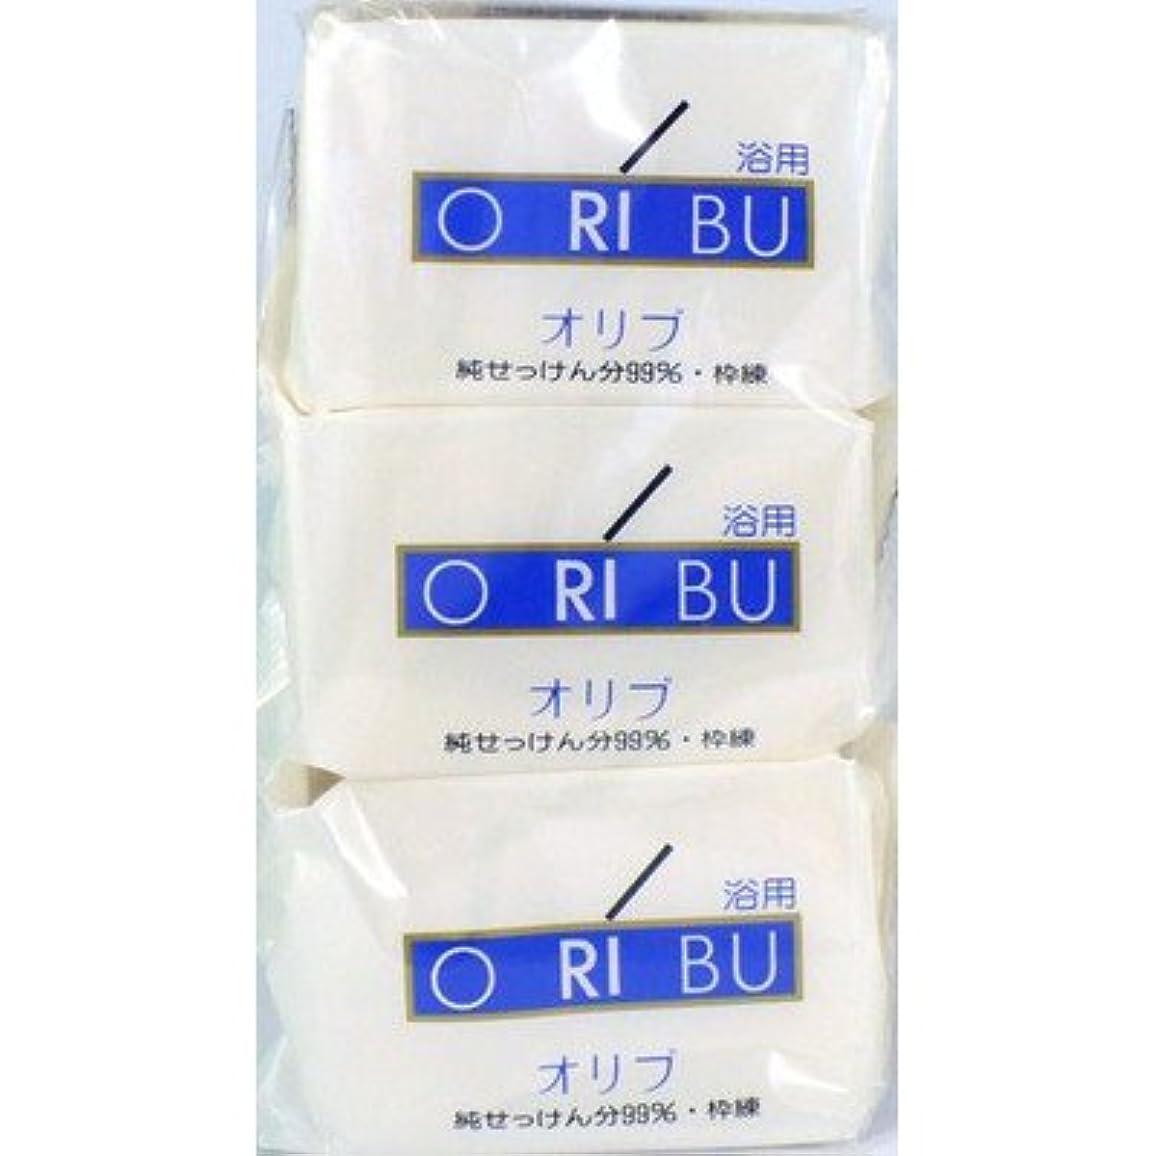 ラジウムとは異なり自然暁石鹸 ORIBU オリブ 浴用石鹸 110g 3個入り